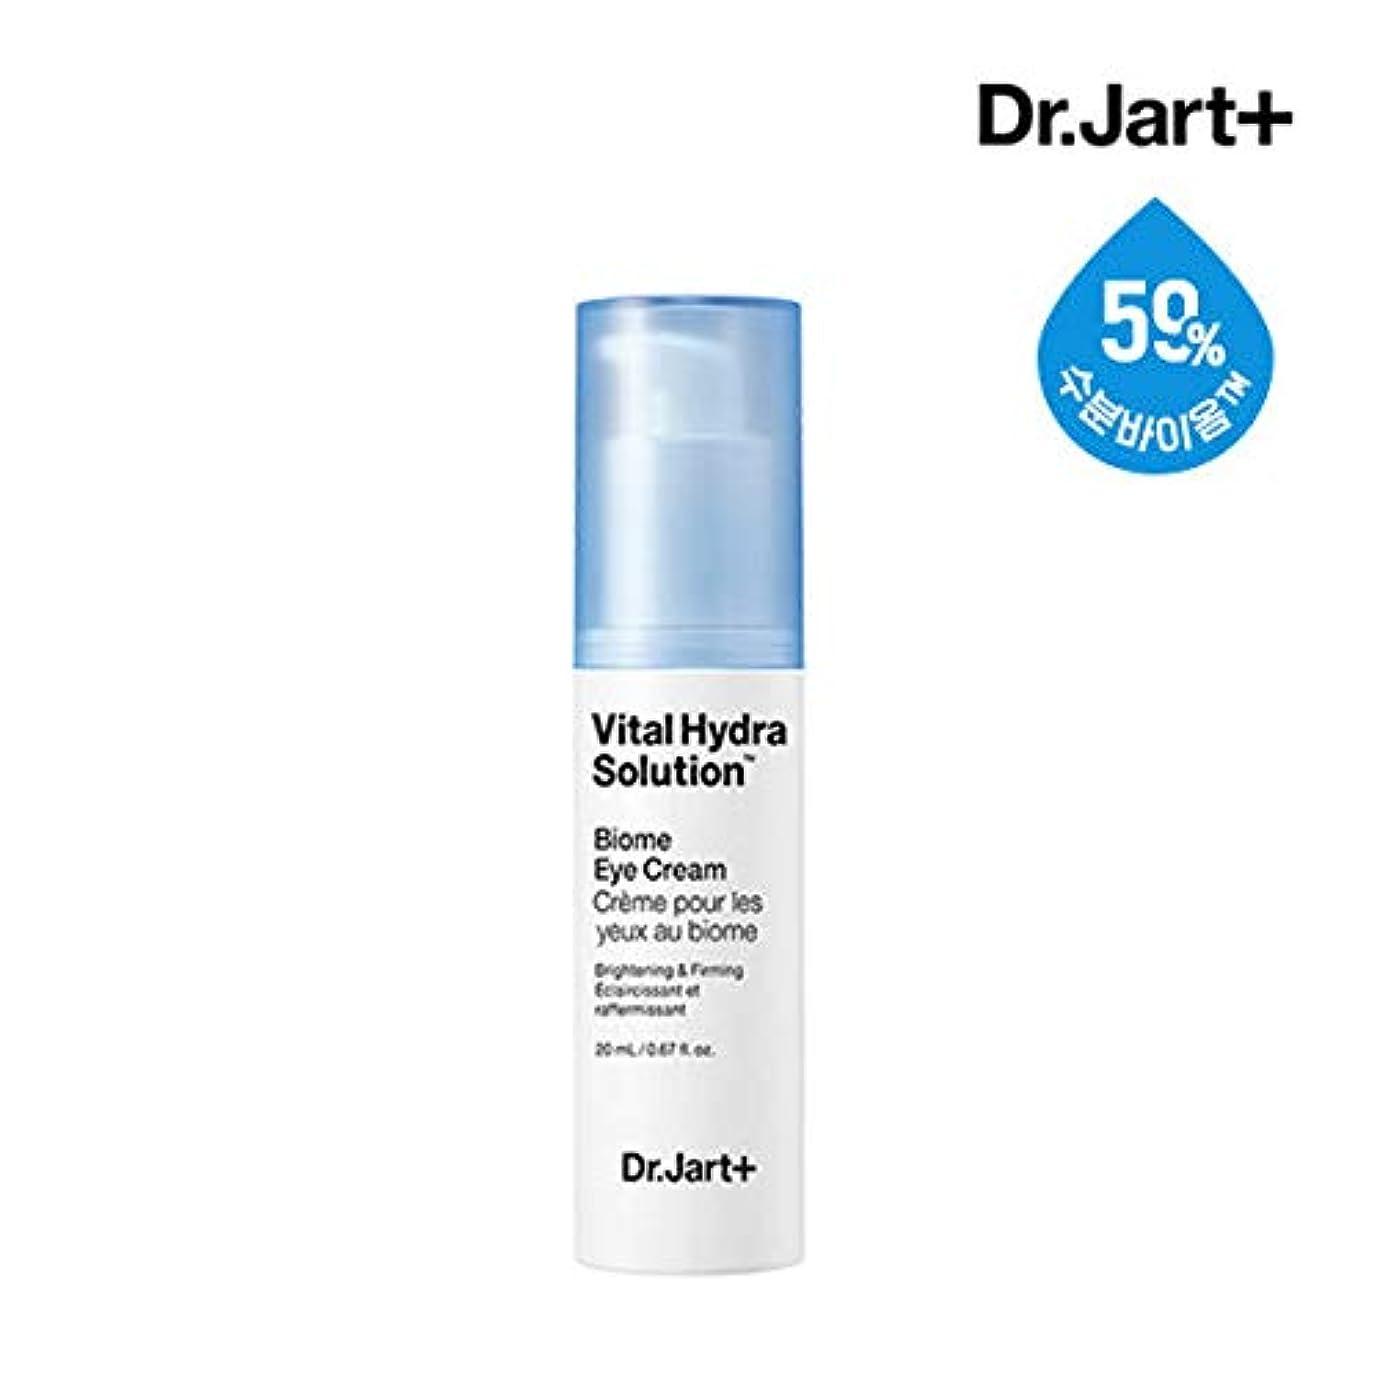 ドクタージャルトゥ[Dr.Jart+] バイタルハイドラソリューションバイオームアイクリーム20ml (Vital Hydra Solution Biome Eye Cream) / ブライトニング&ファーミング